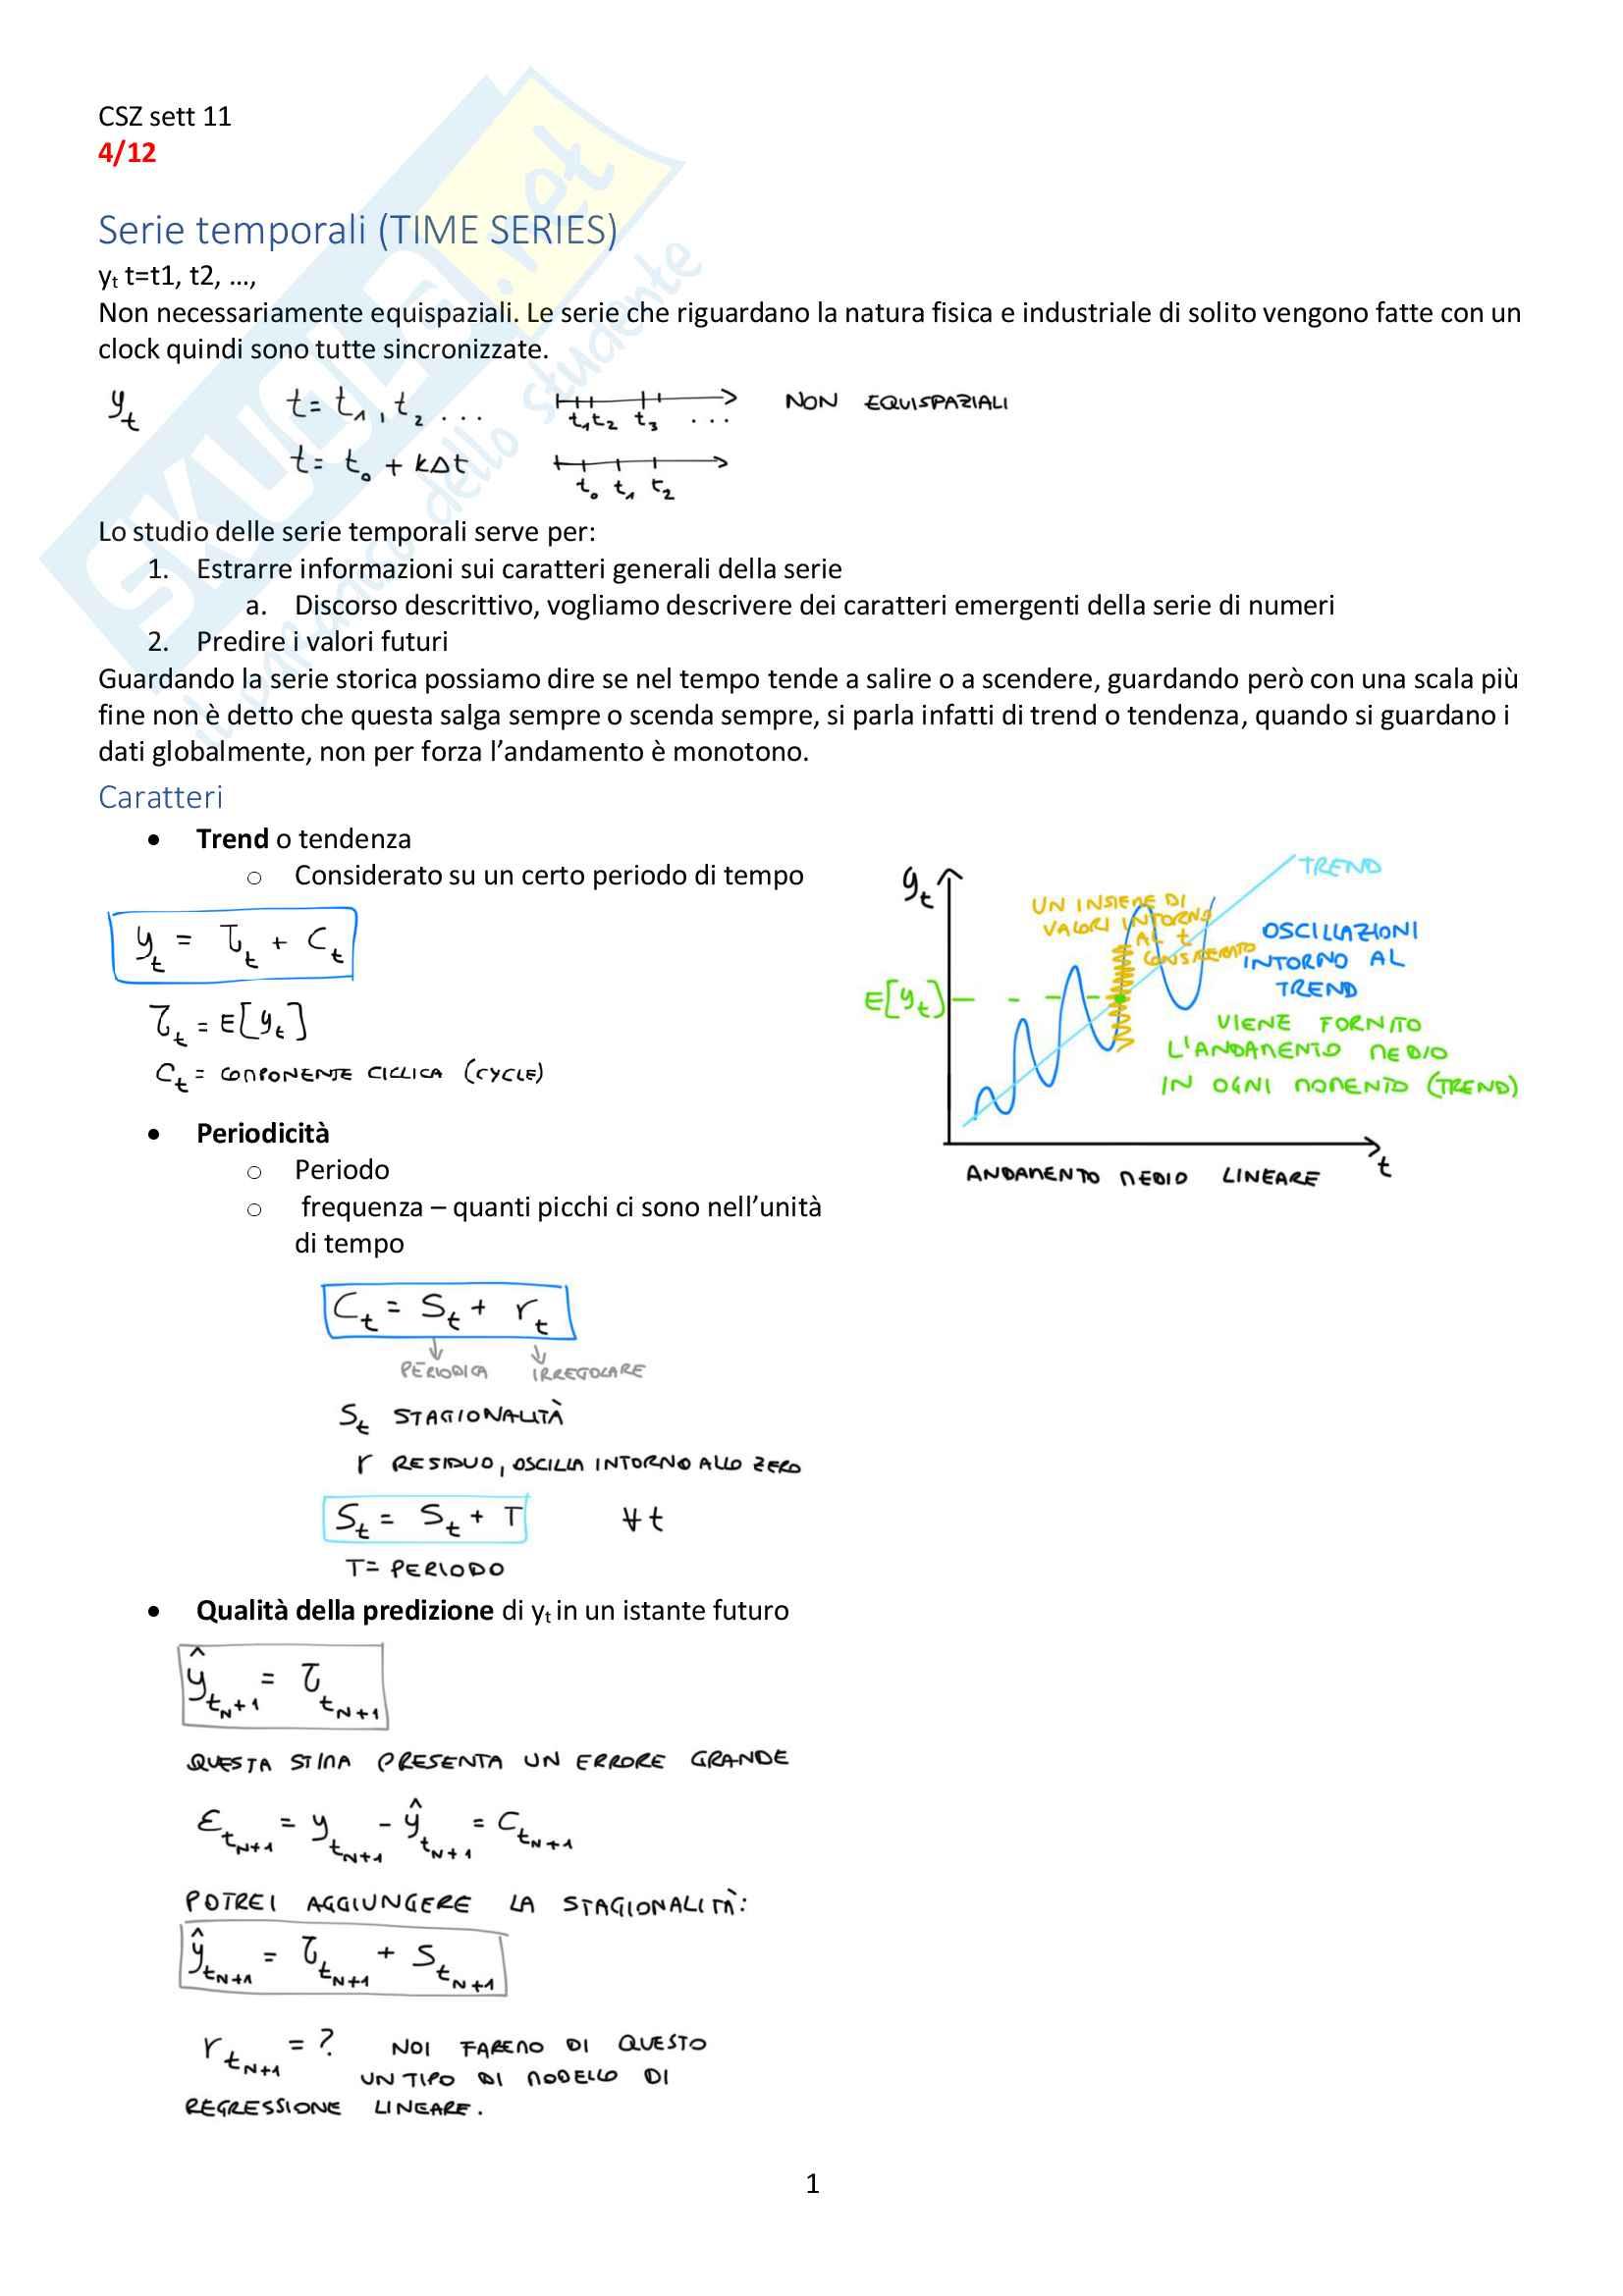 Appunti del corso Modellistica e identificazione, prof. De Santis Pag. 101